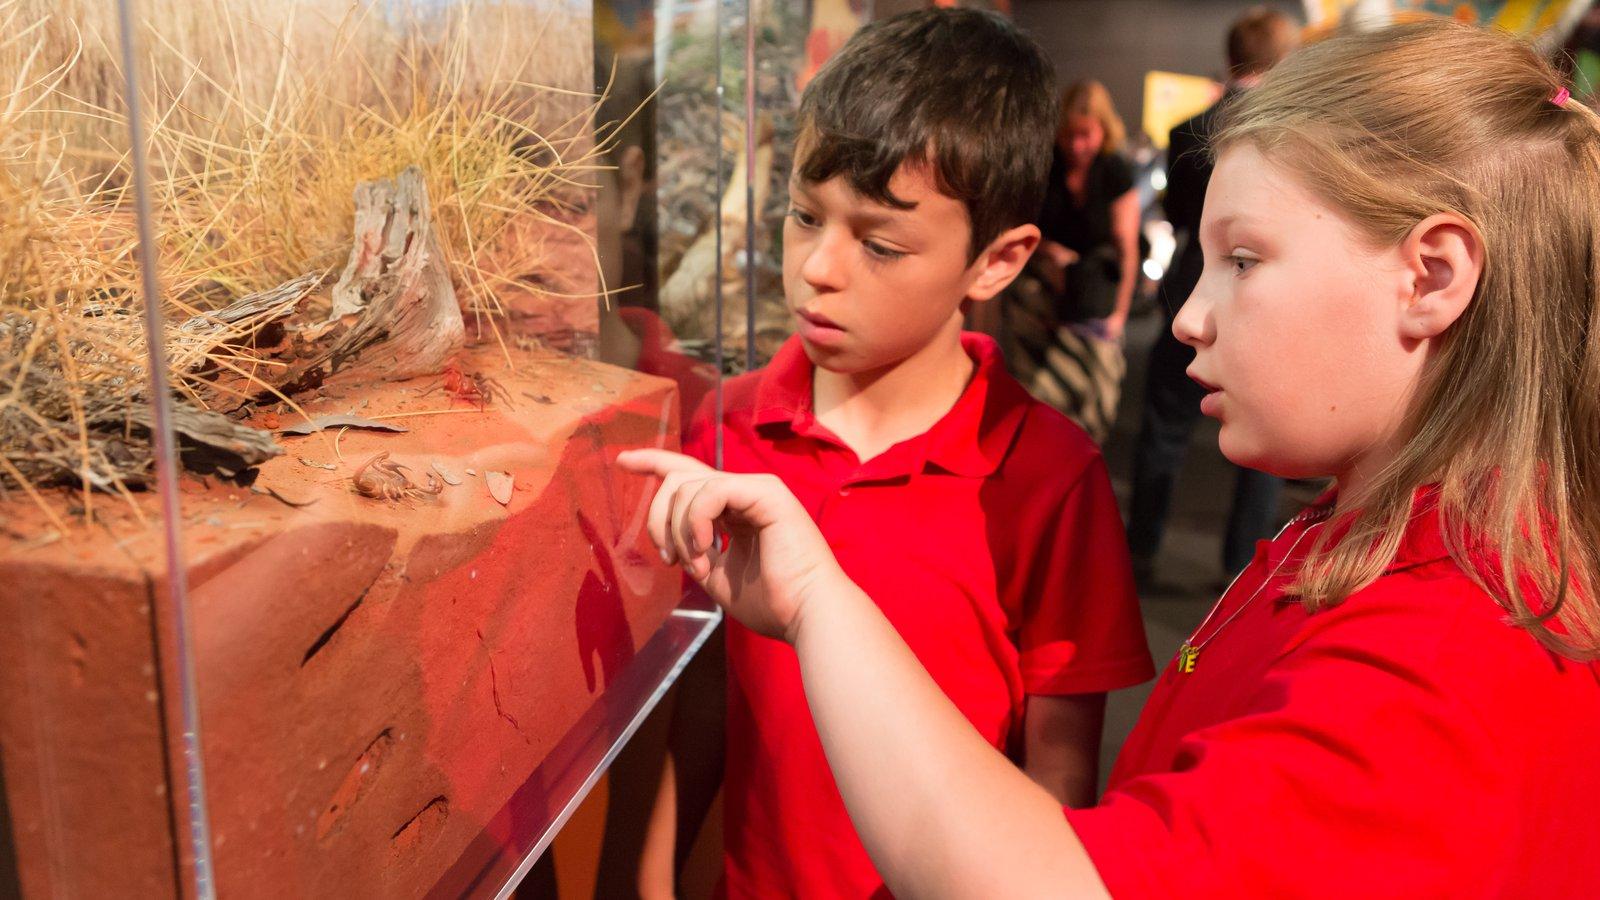 Spiders exhibition at Questacon (11)